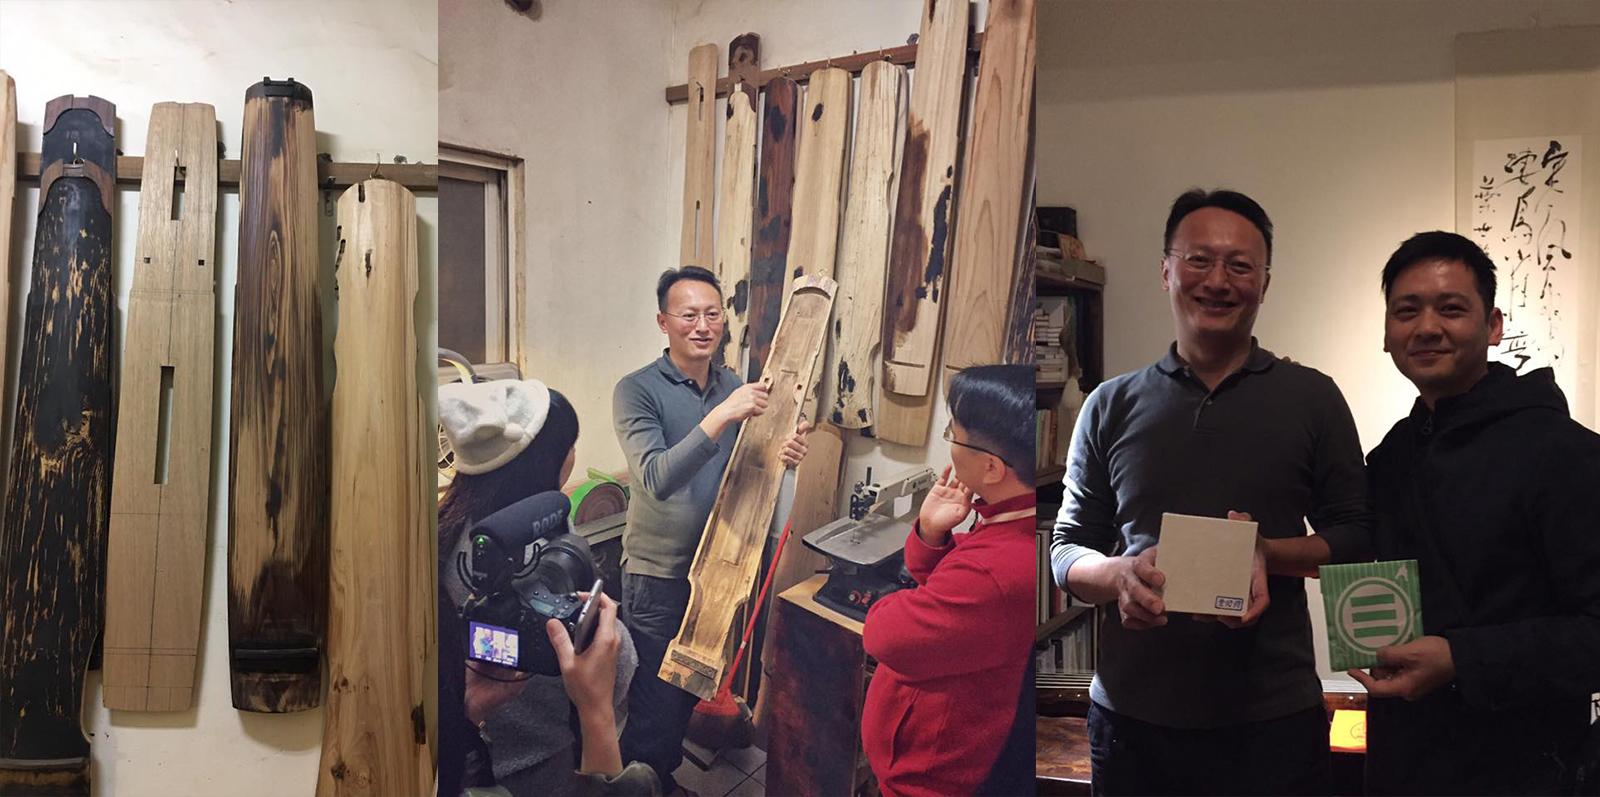 木+木 茶旅台北 琴人 盧耽 斫琴室